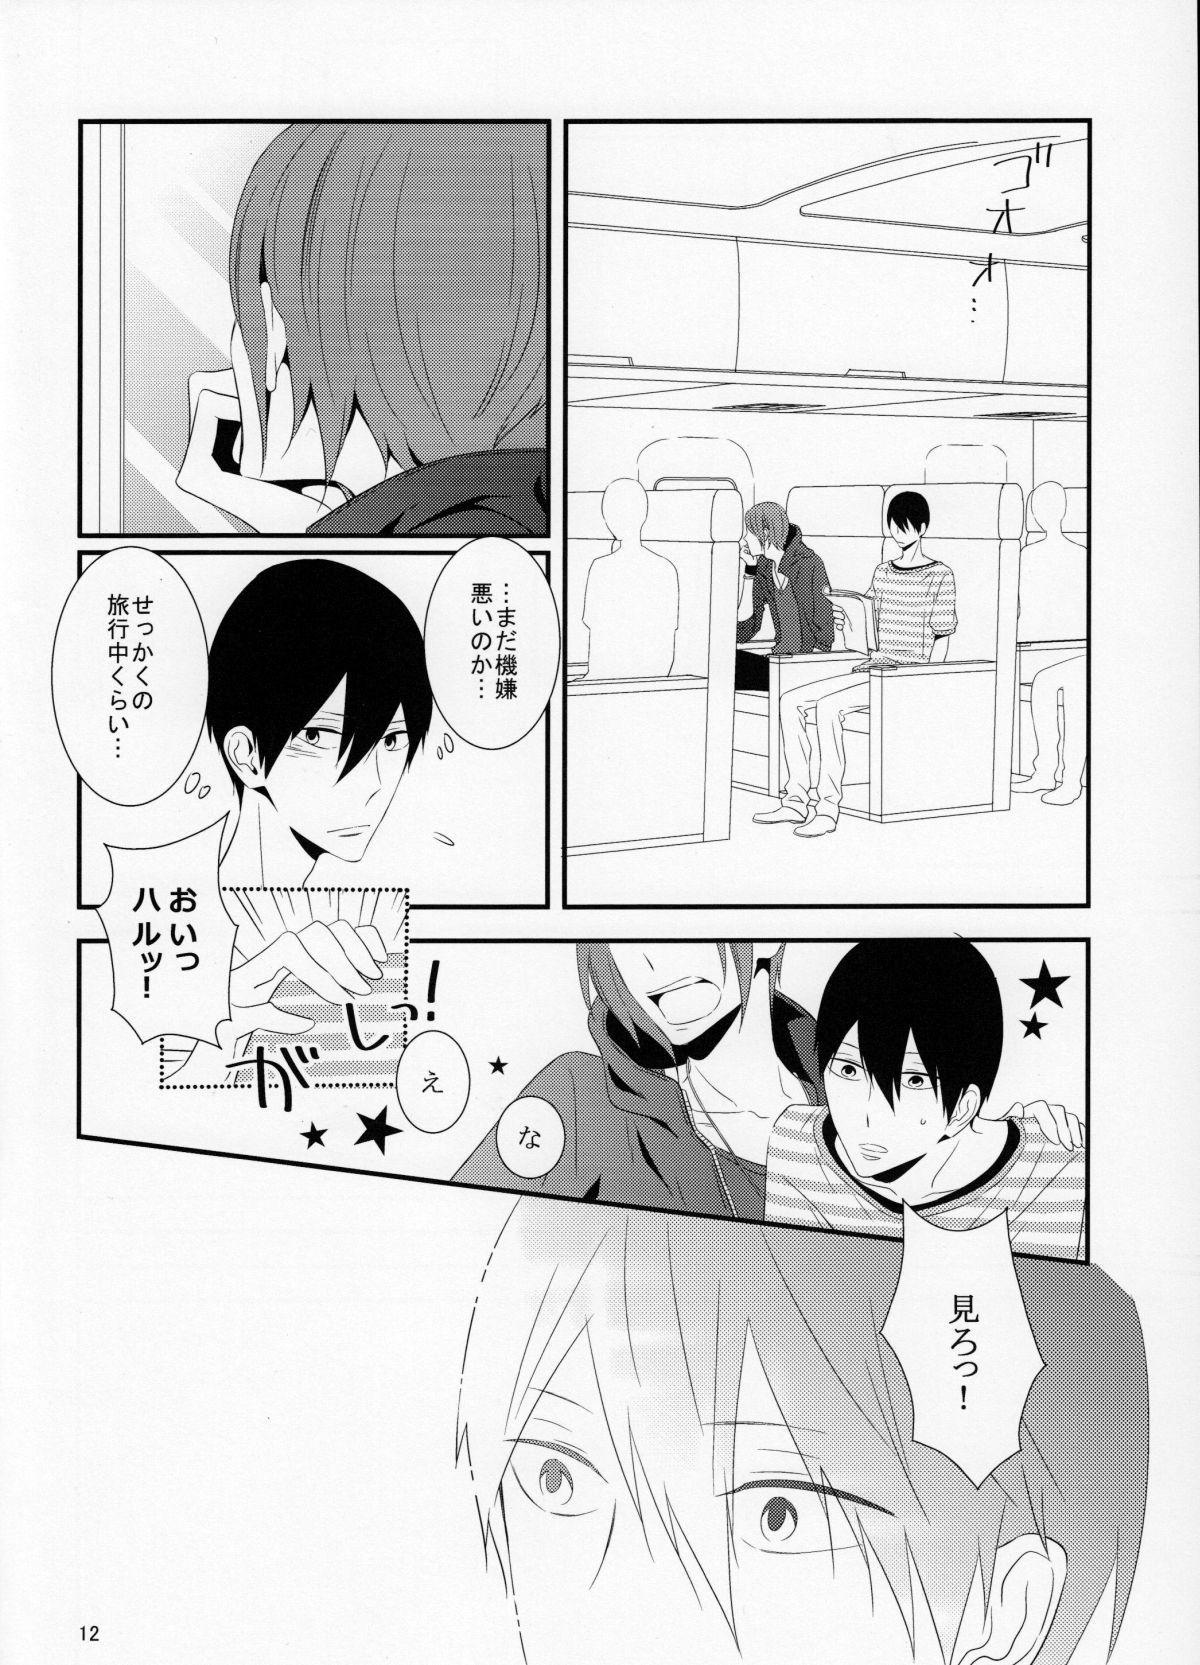 Sayonara, Bokura no Hatsukoi 12